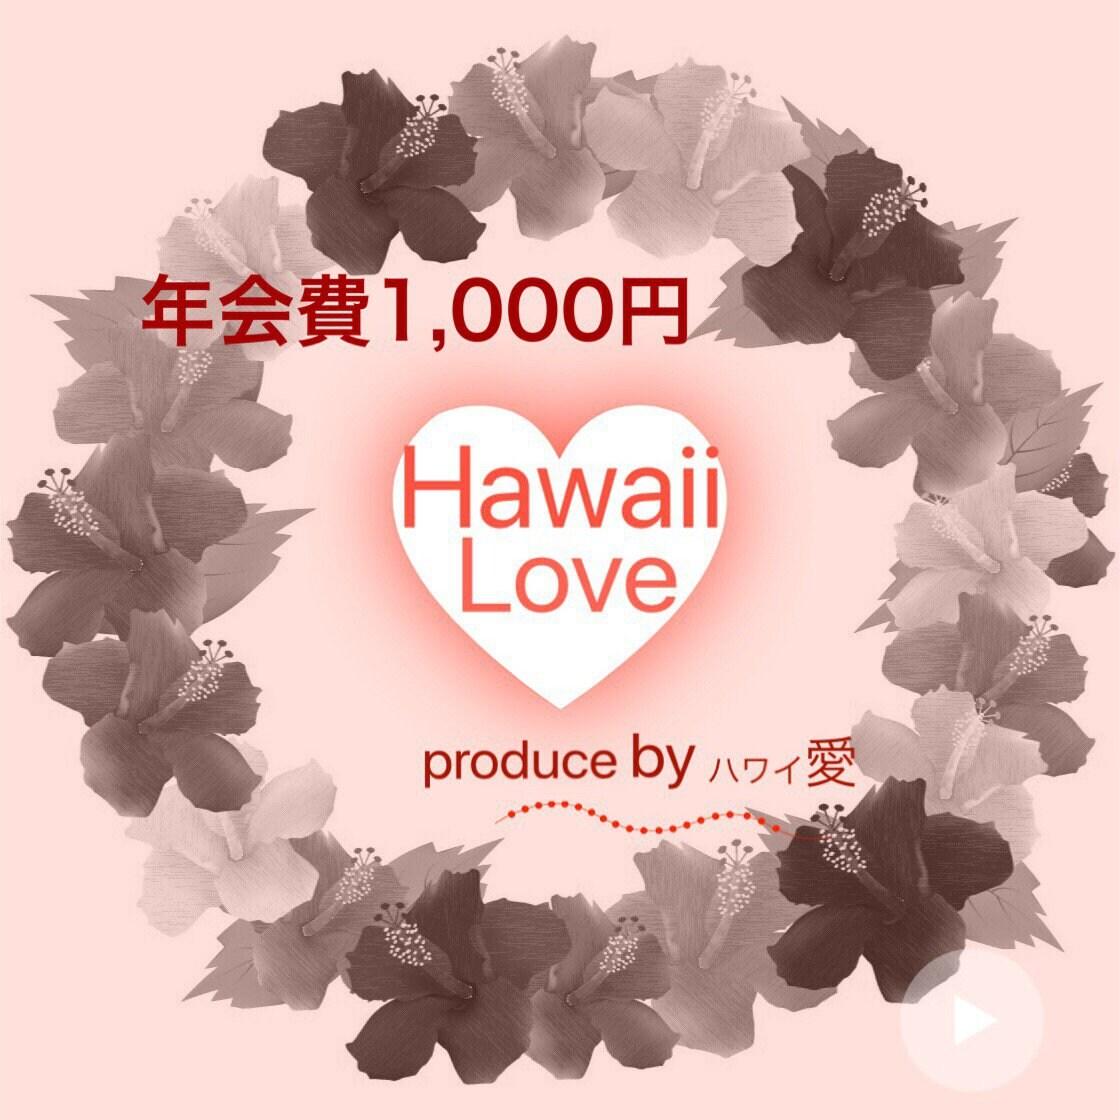 ハワイ愛プレミアムメンバーカード会員/年会費1,000円のイメージその2